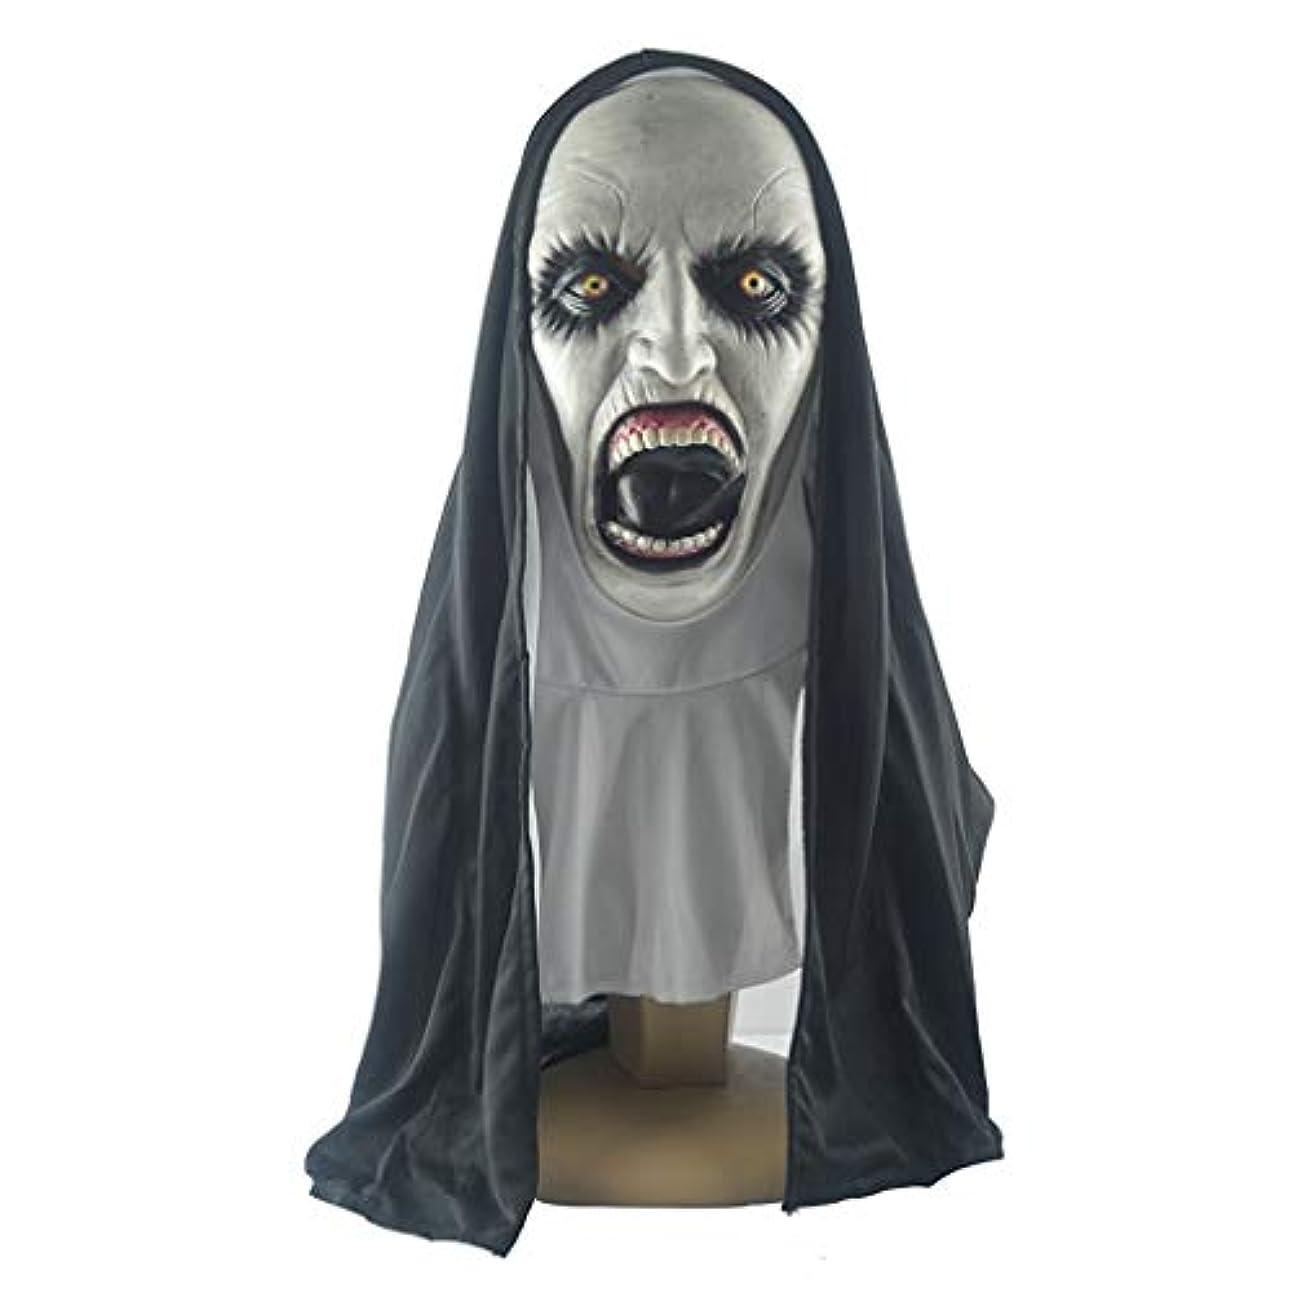 乱暴な昼寝ハードホラー修道女ハロウィンマスクハロウィンお化け屋敷顔をしかめる怖い映画の小道具コスプレフェスティバルコスチュームマスクメイクアップパーティーバーパーティーラテックスヘッドギア